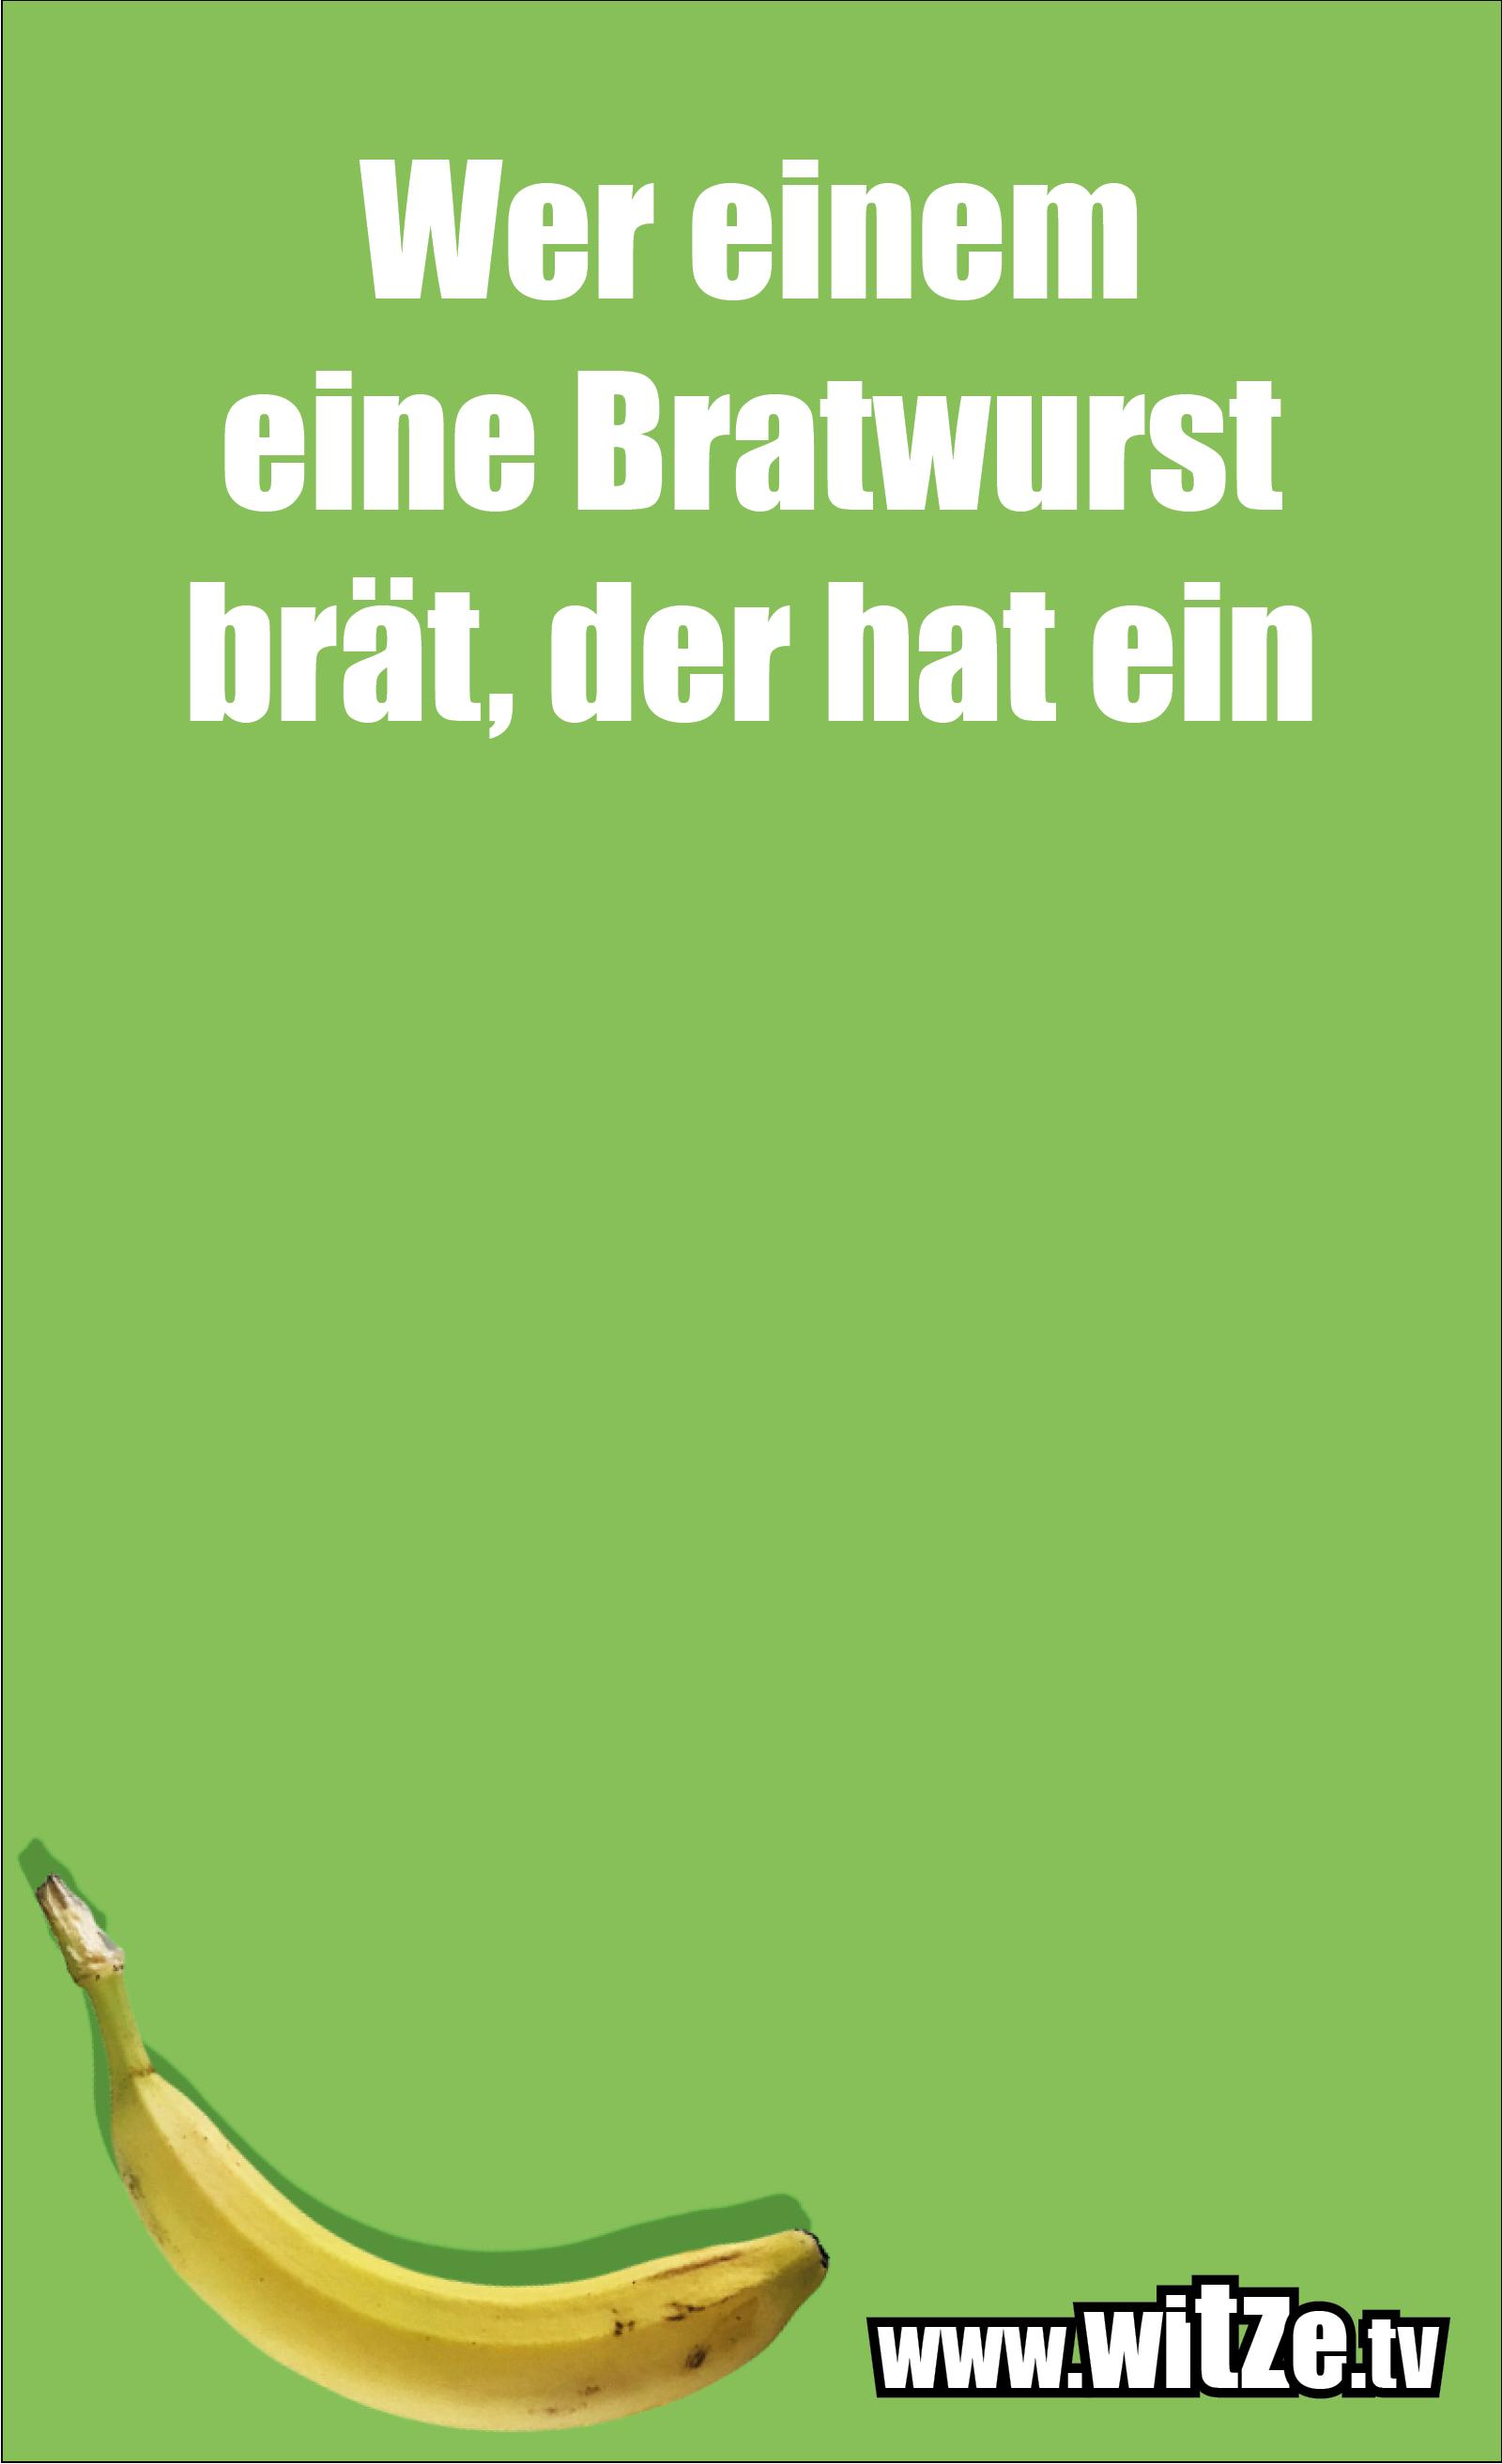 Dumme Sprüche… Wer einem eine Bratwurst brät, der hat ein Bratwurstbratgerät.